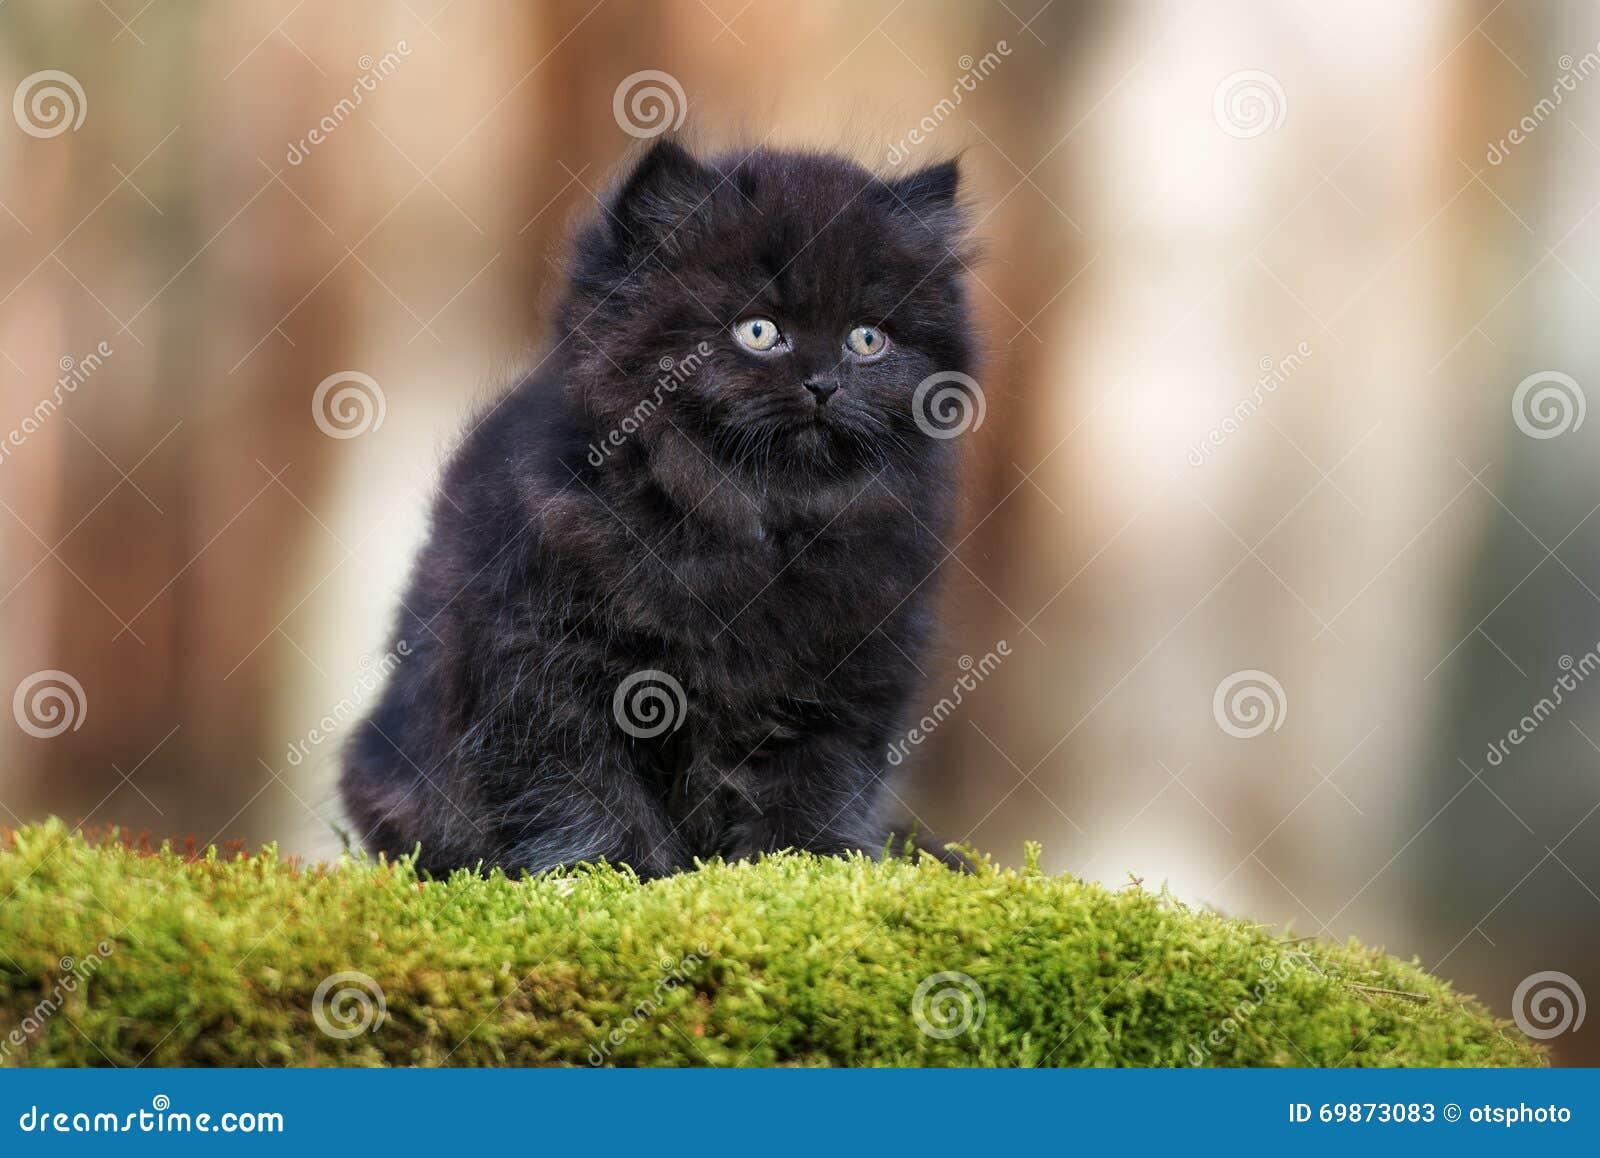 черные пушистые котята фото